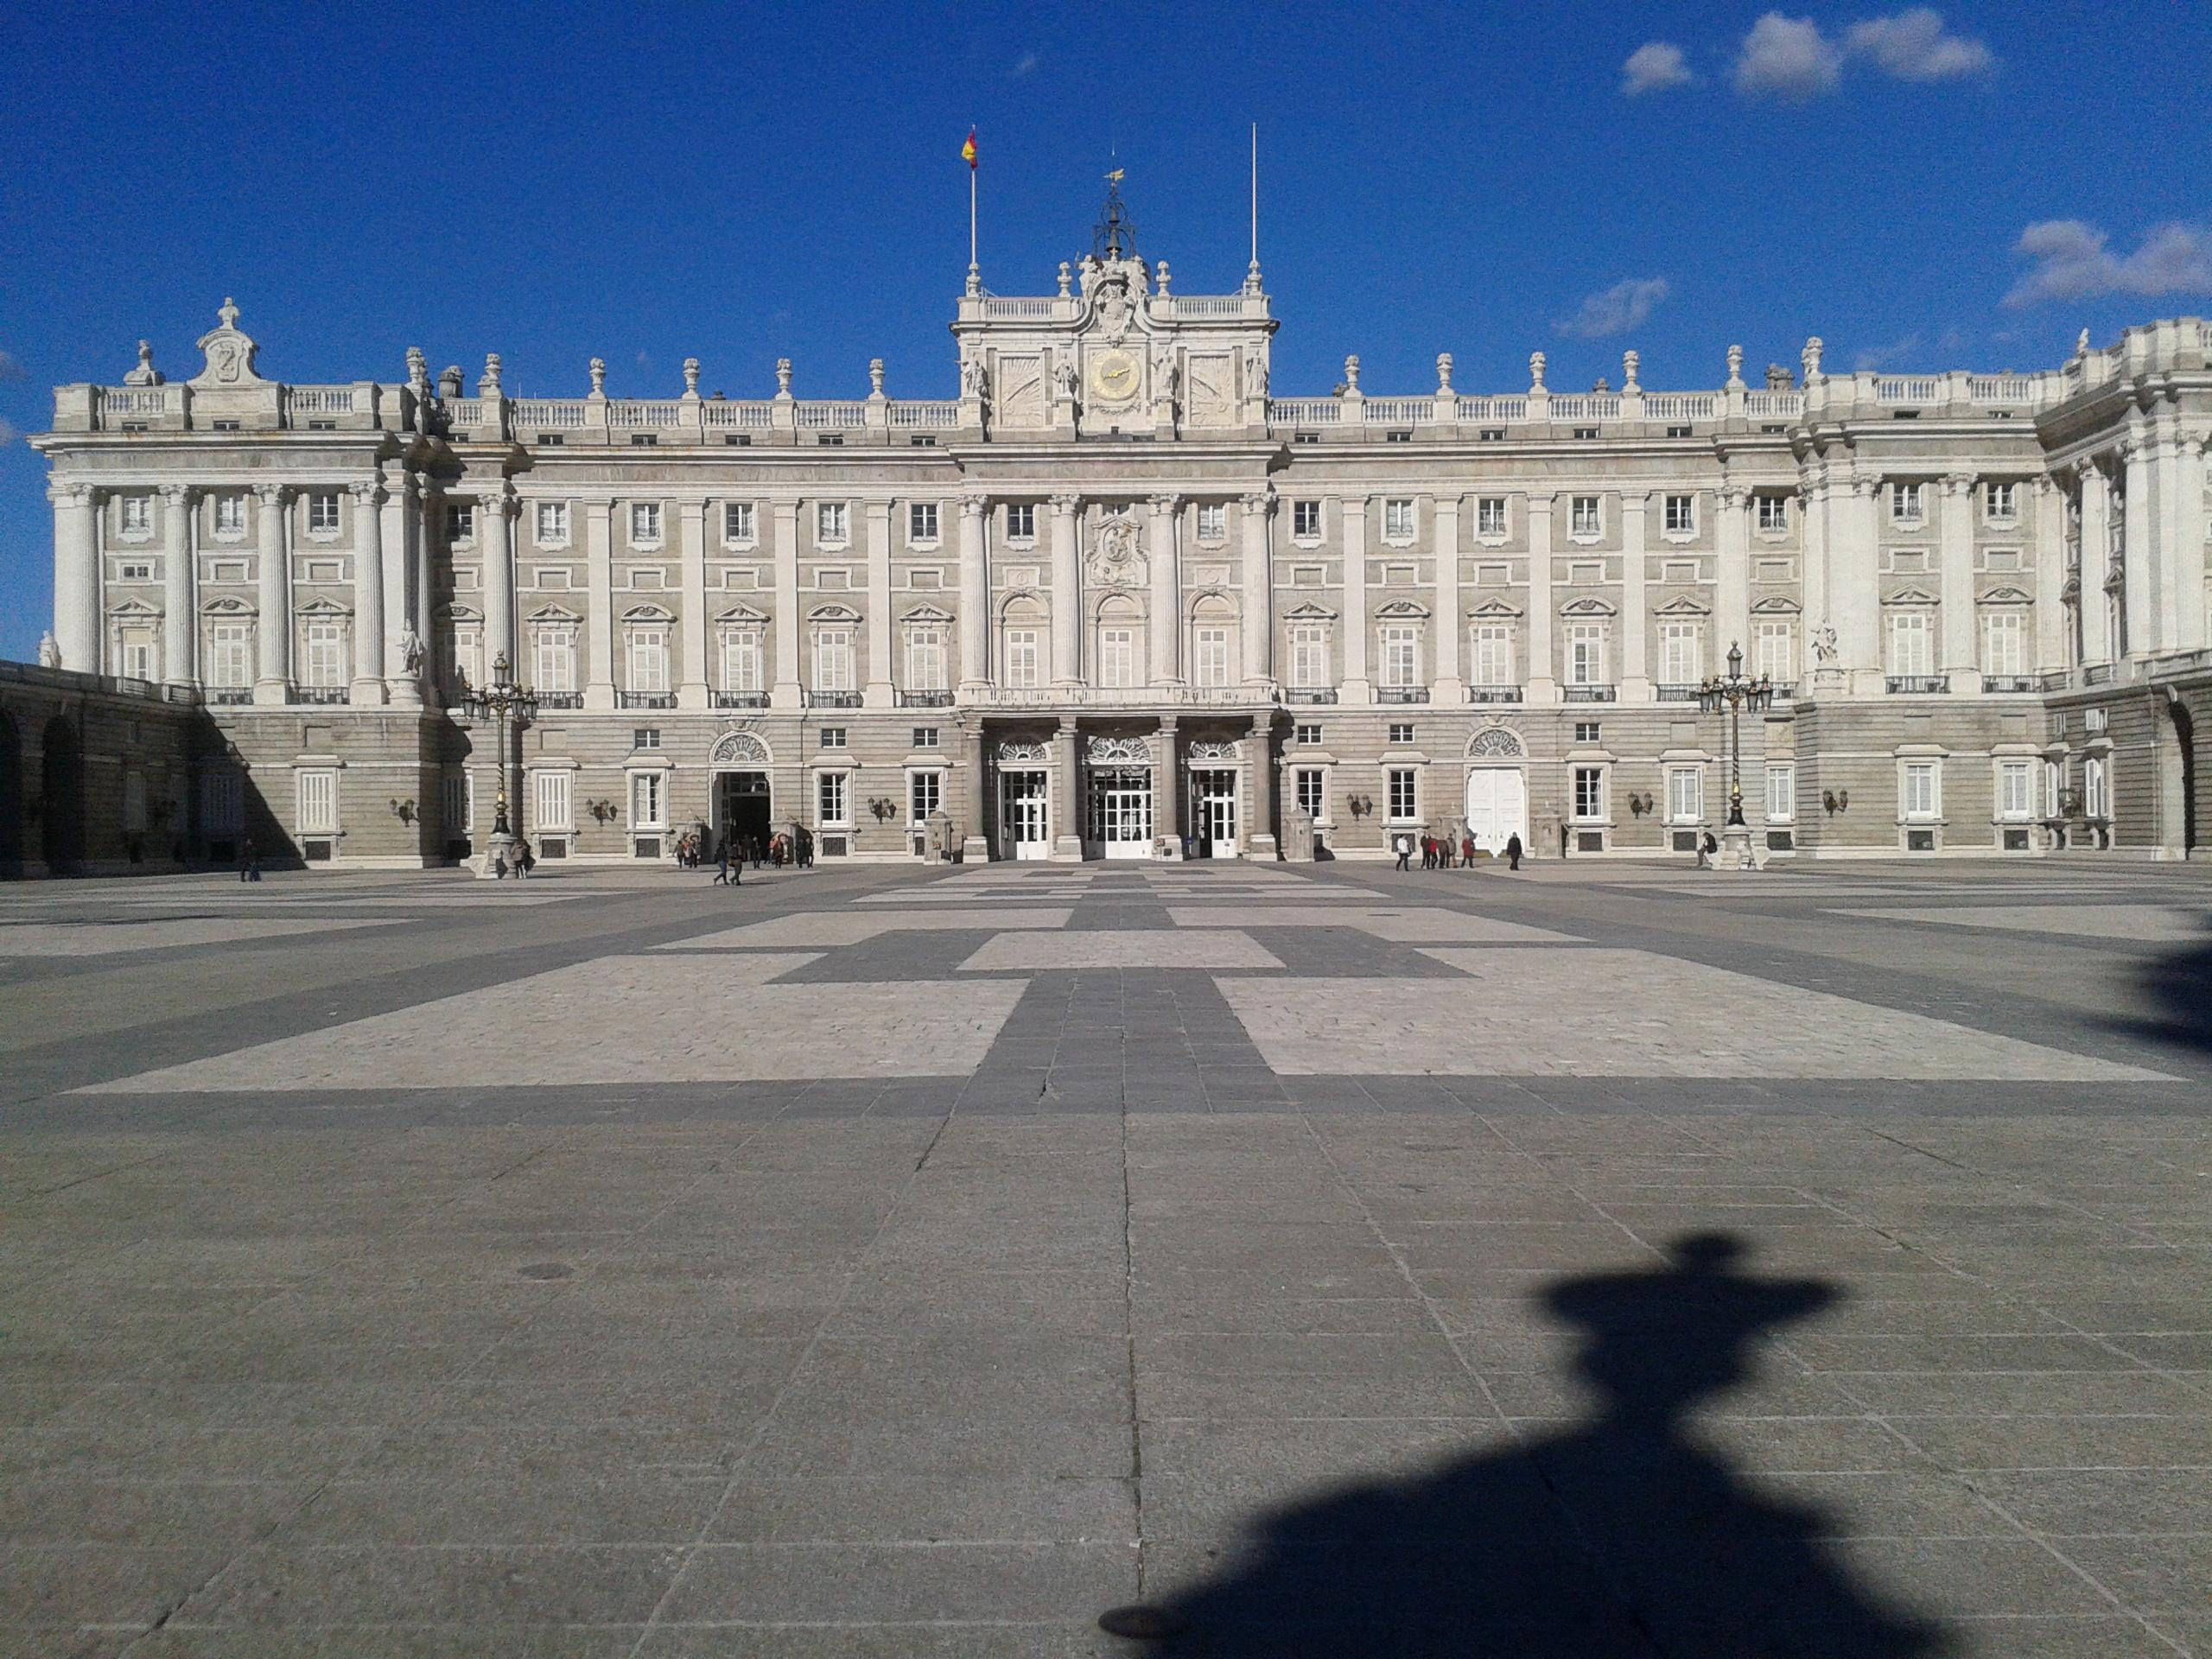 El entorno del Palacio Real, lugar emblemático por excelencia de Madrid